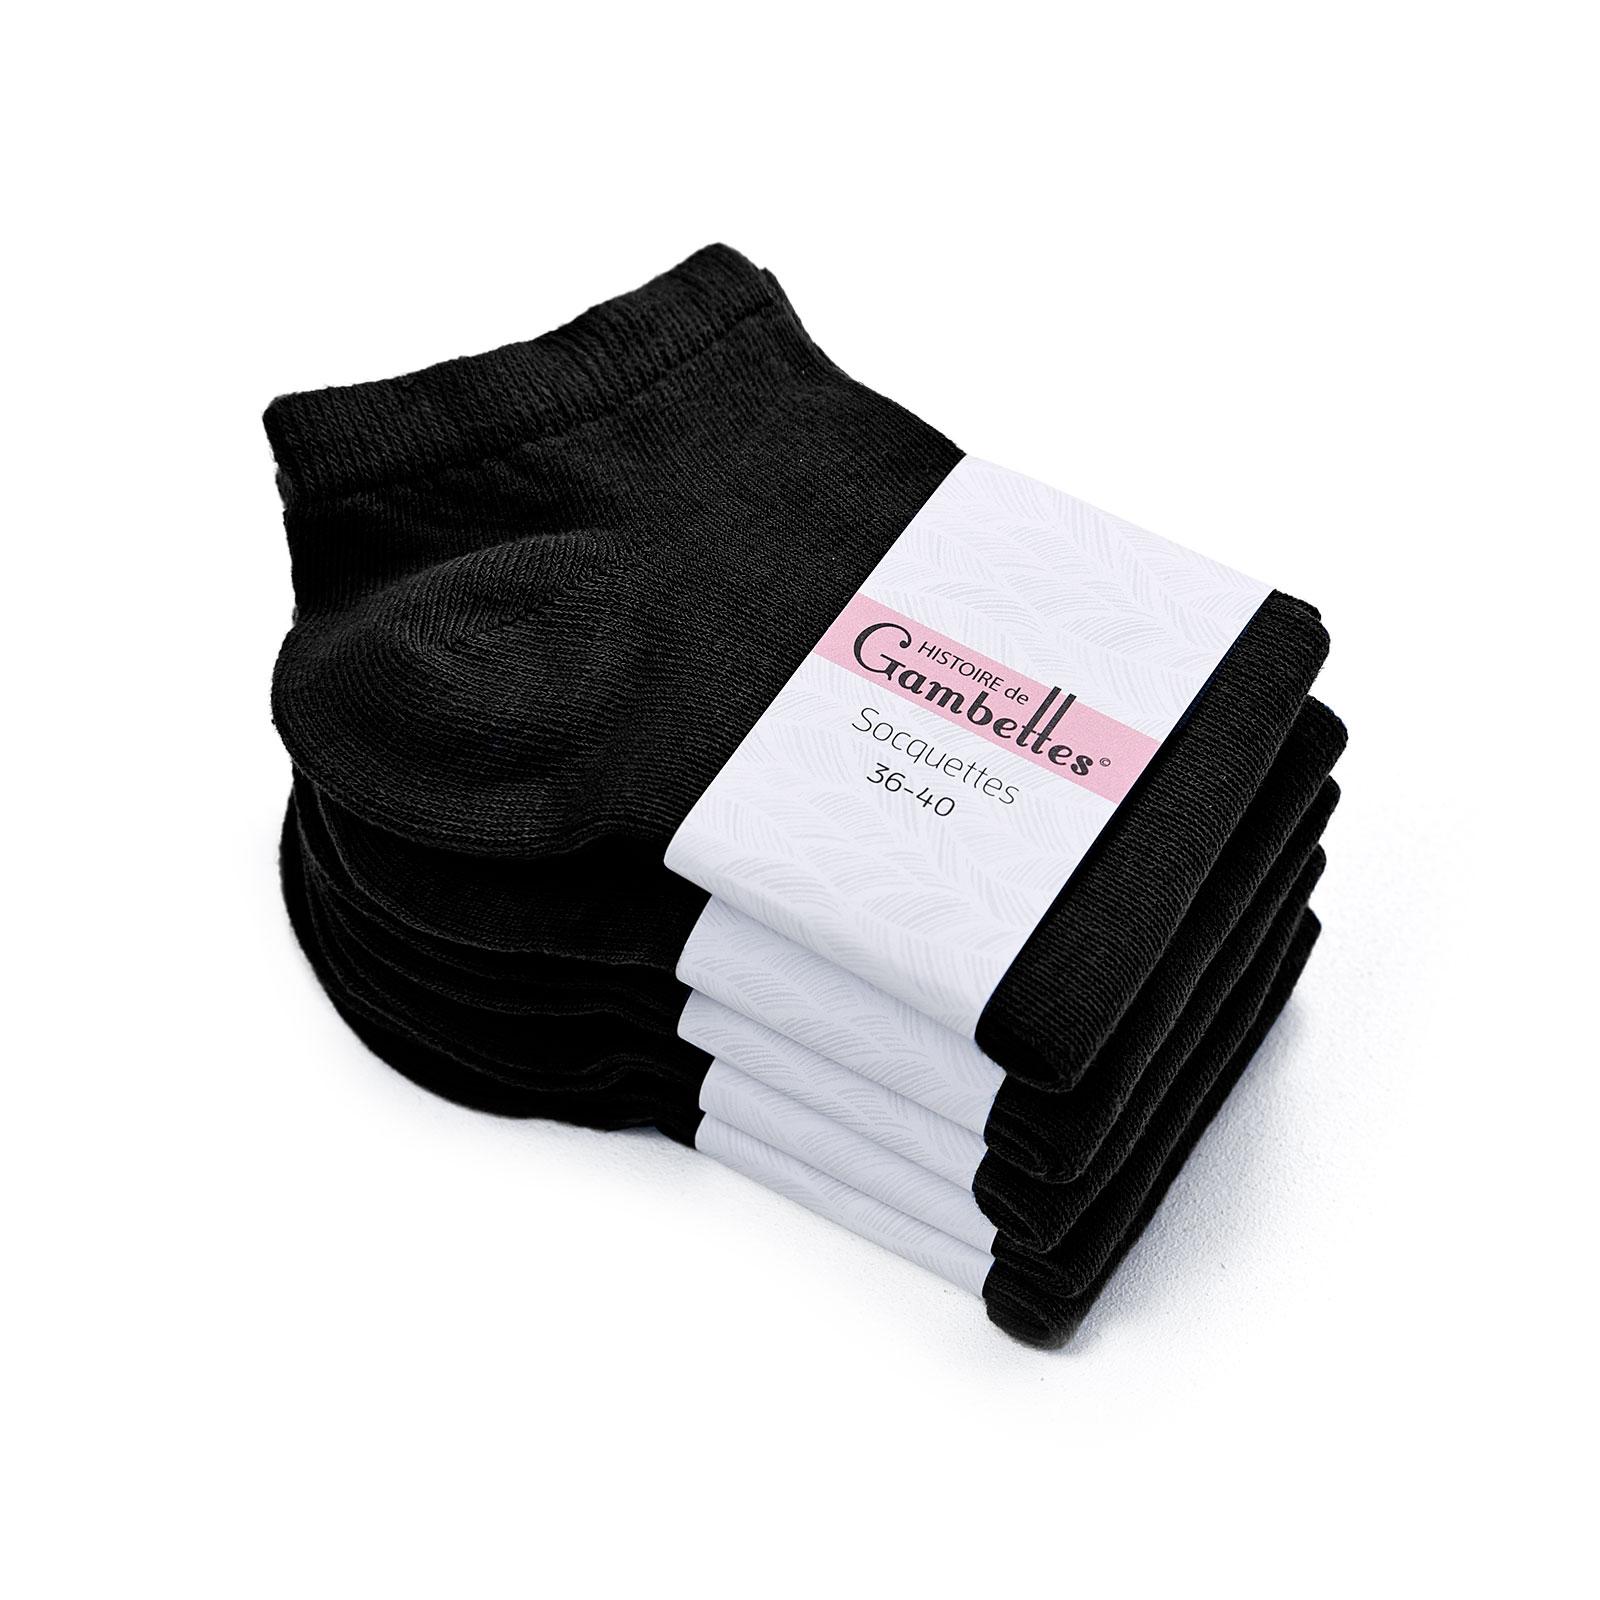 CH-00351-F16-soquettes-coton-femme-noir-5-paires